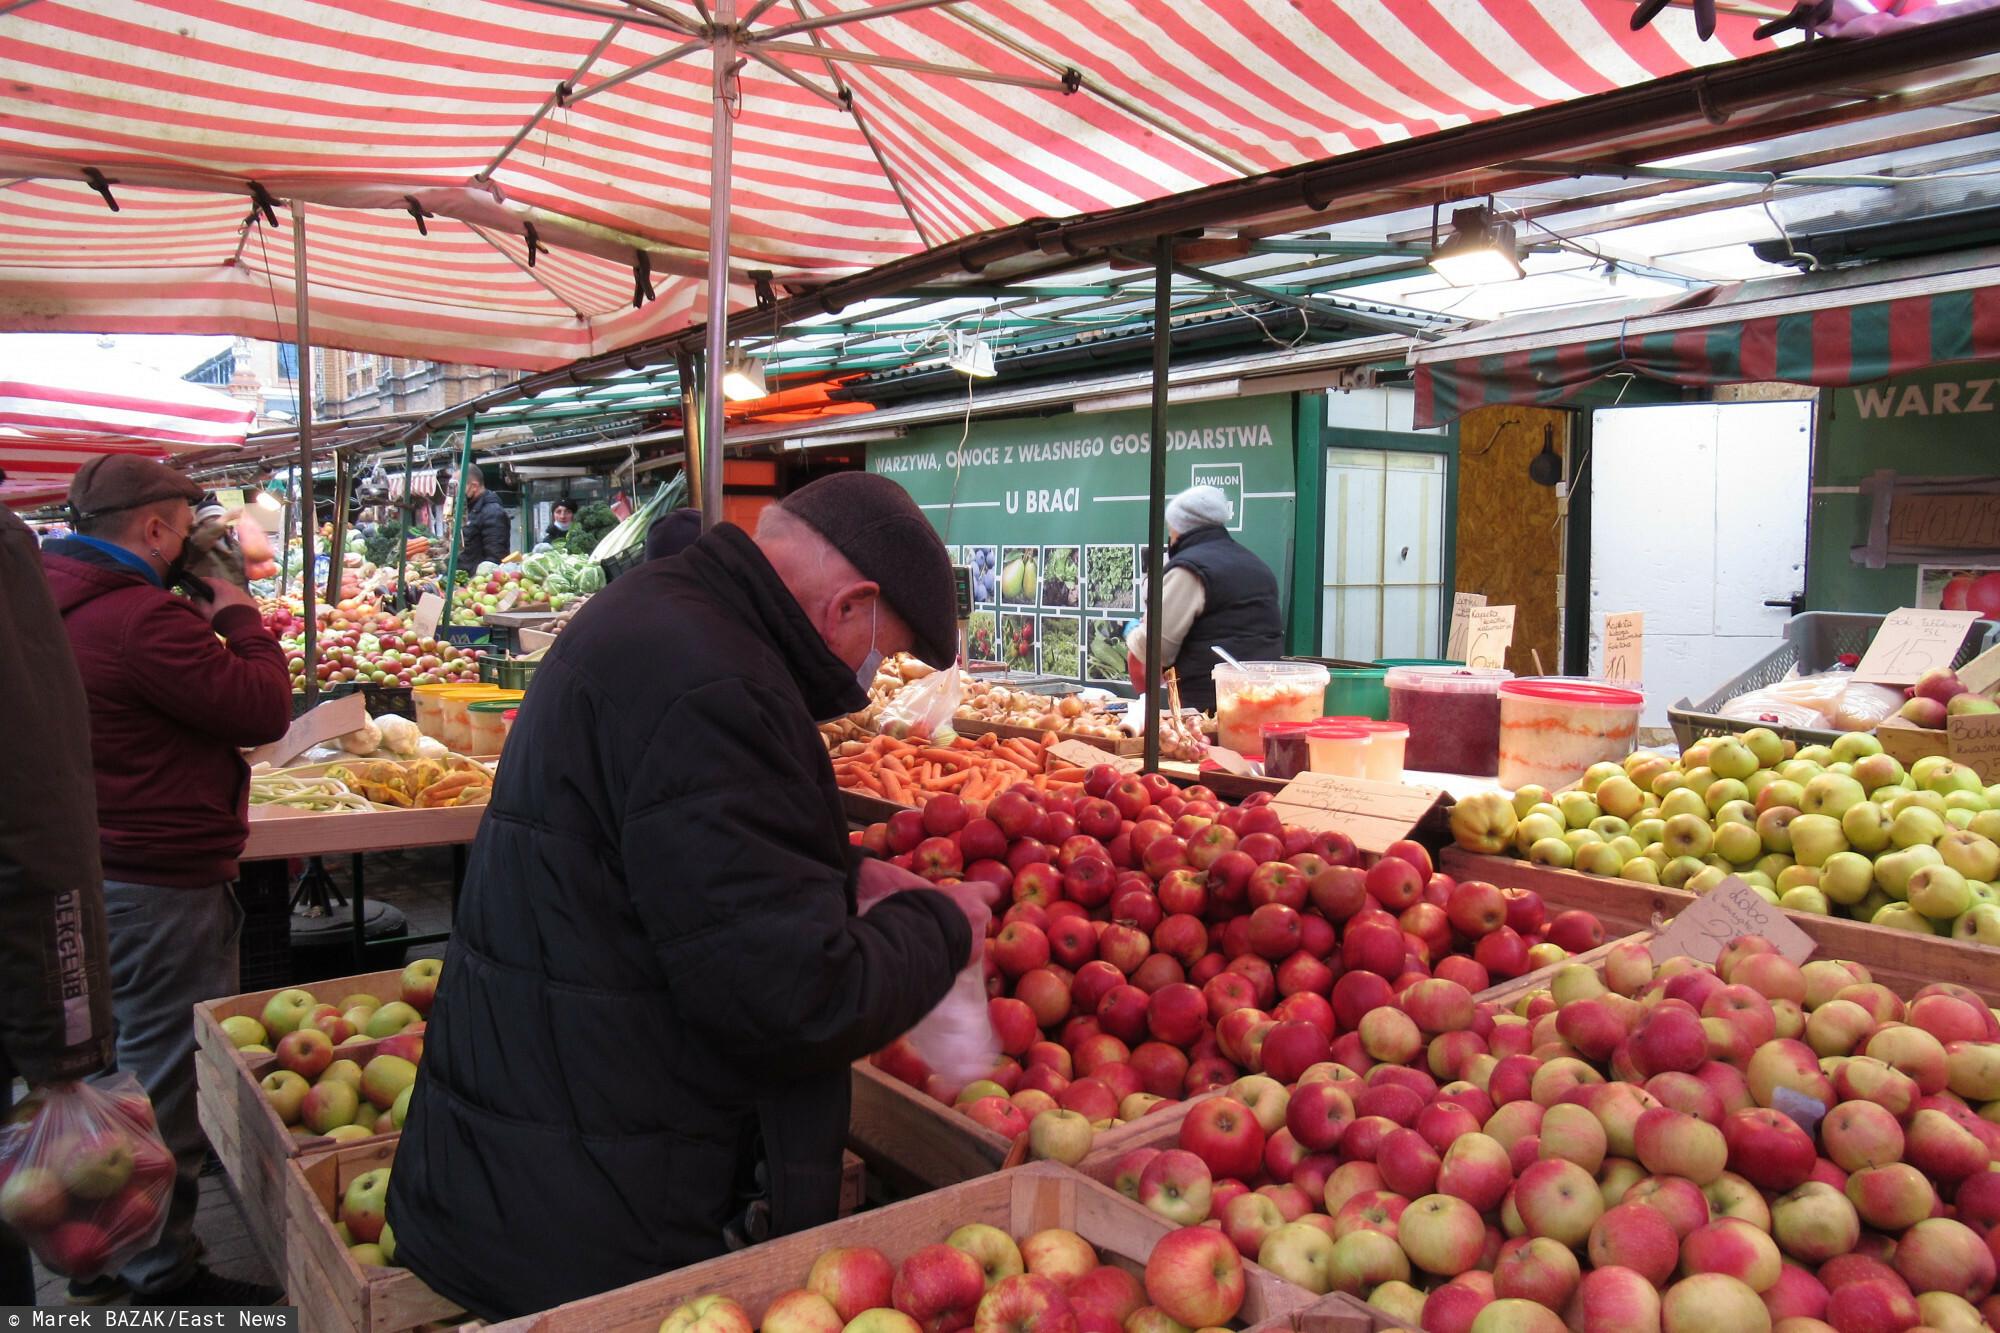 PHOTO: ZOFIA I MAREK BAZAK / EAST NEWS Warszawa N/Z Przedswiateczne zakupy na stolecznym bazarze, warzywa i owoce prosto od rolnika, z wlasnego gospodarstwa